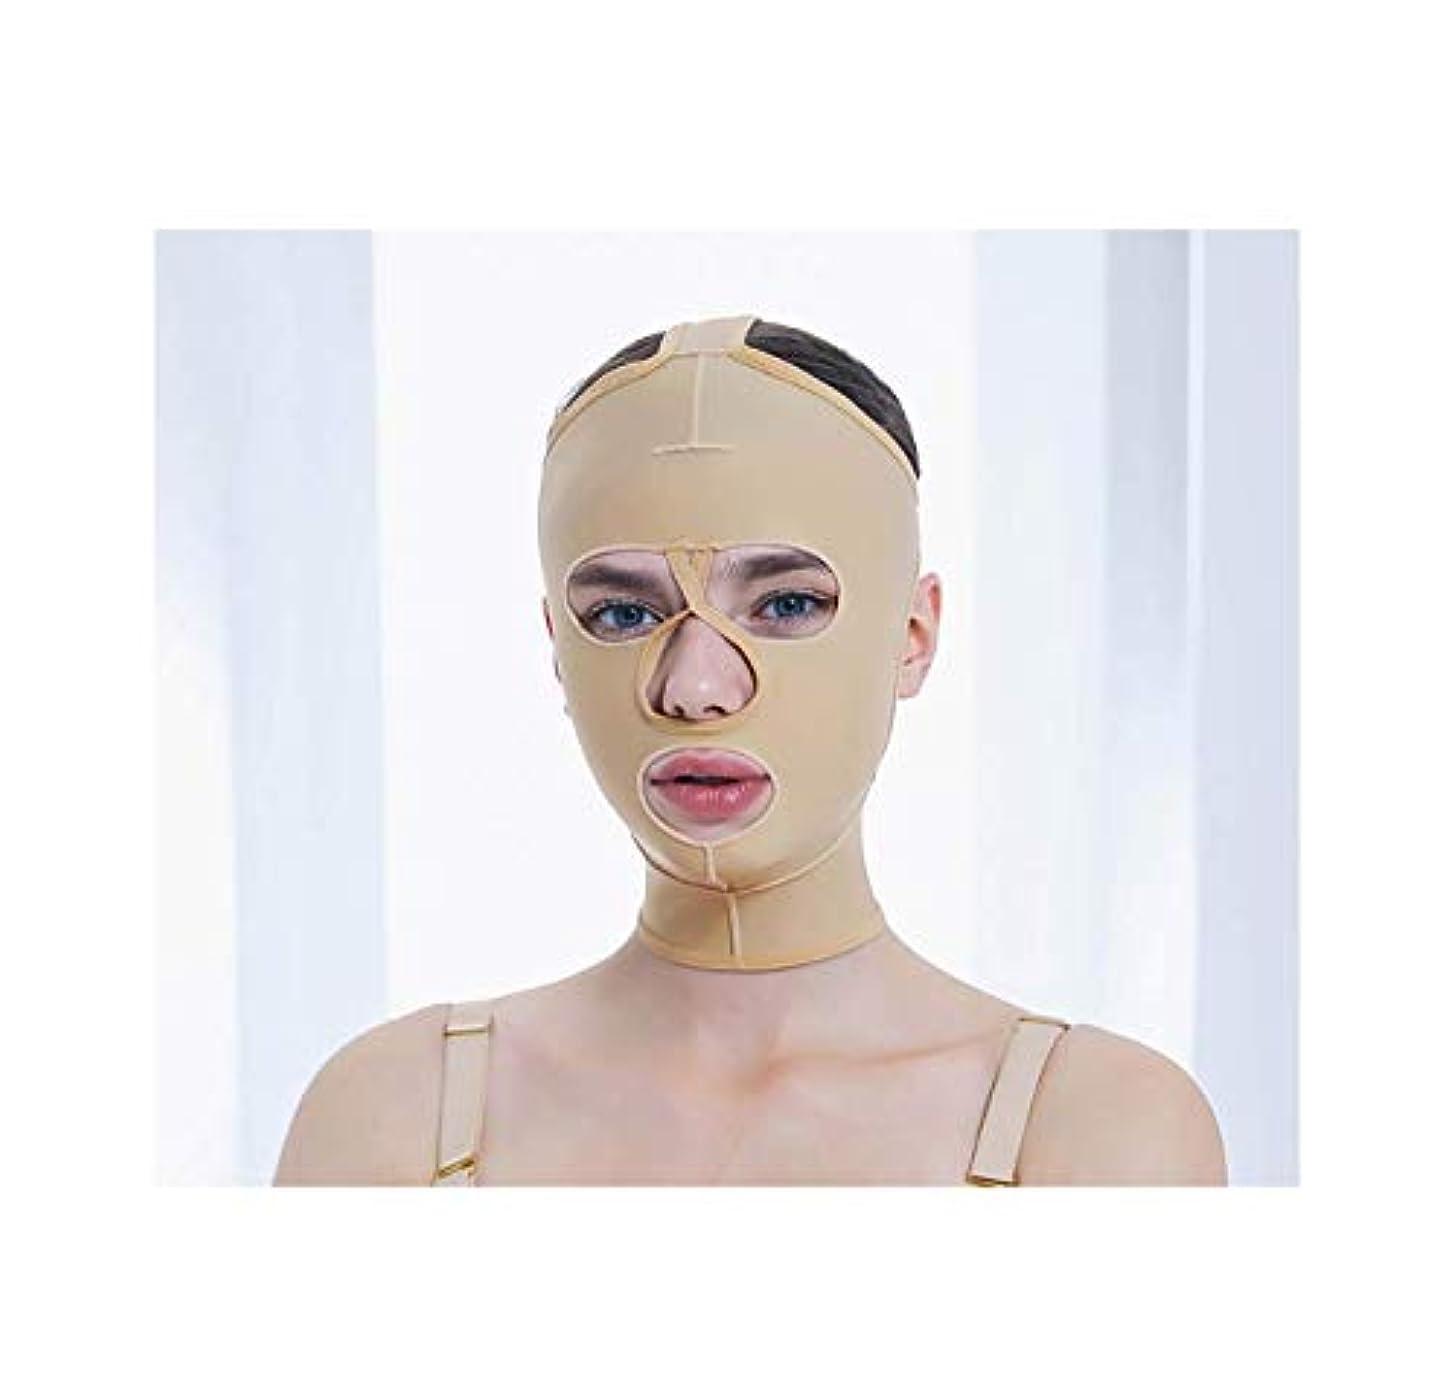 刺激する香水アジアフェイス&ネックリフト、減量フェイスマスク脂肪吸引術脂肪吸引整形マスクフードフェイスリフティングアーティファクトVフェイスビームフェイス弾性スリーブ(サイズ:XS),L